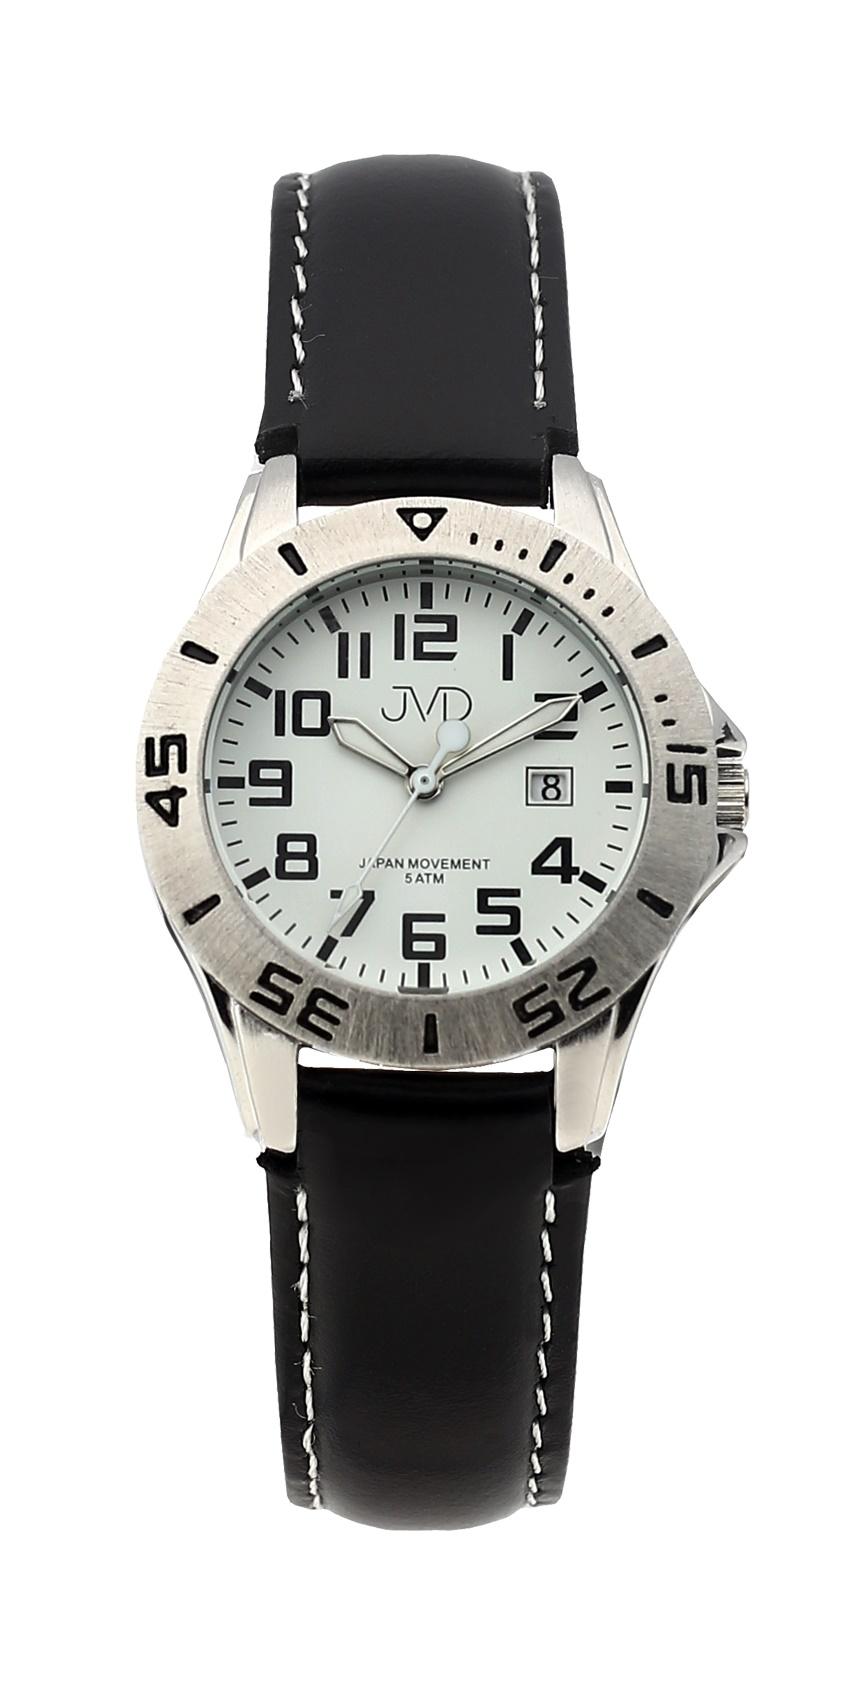 Černé chlapecké vodoodolné dětské náramkové hodinky JVD J7177.2 (5ATM - voděodolnost)